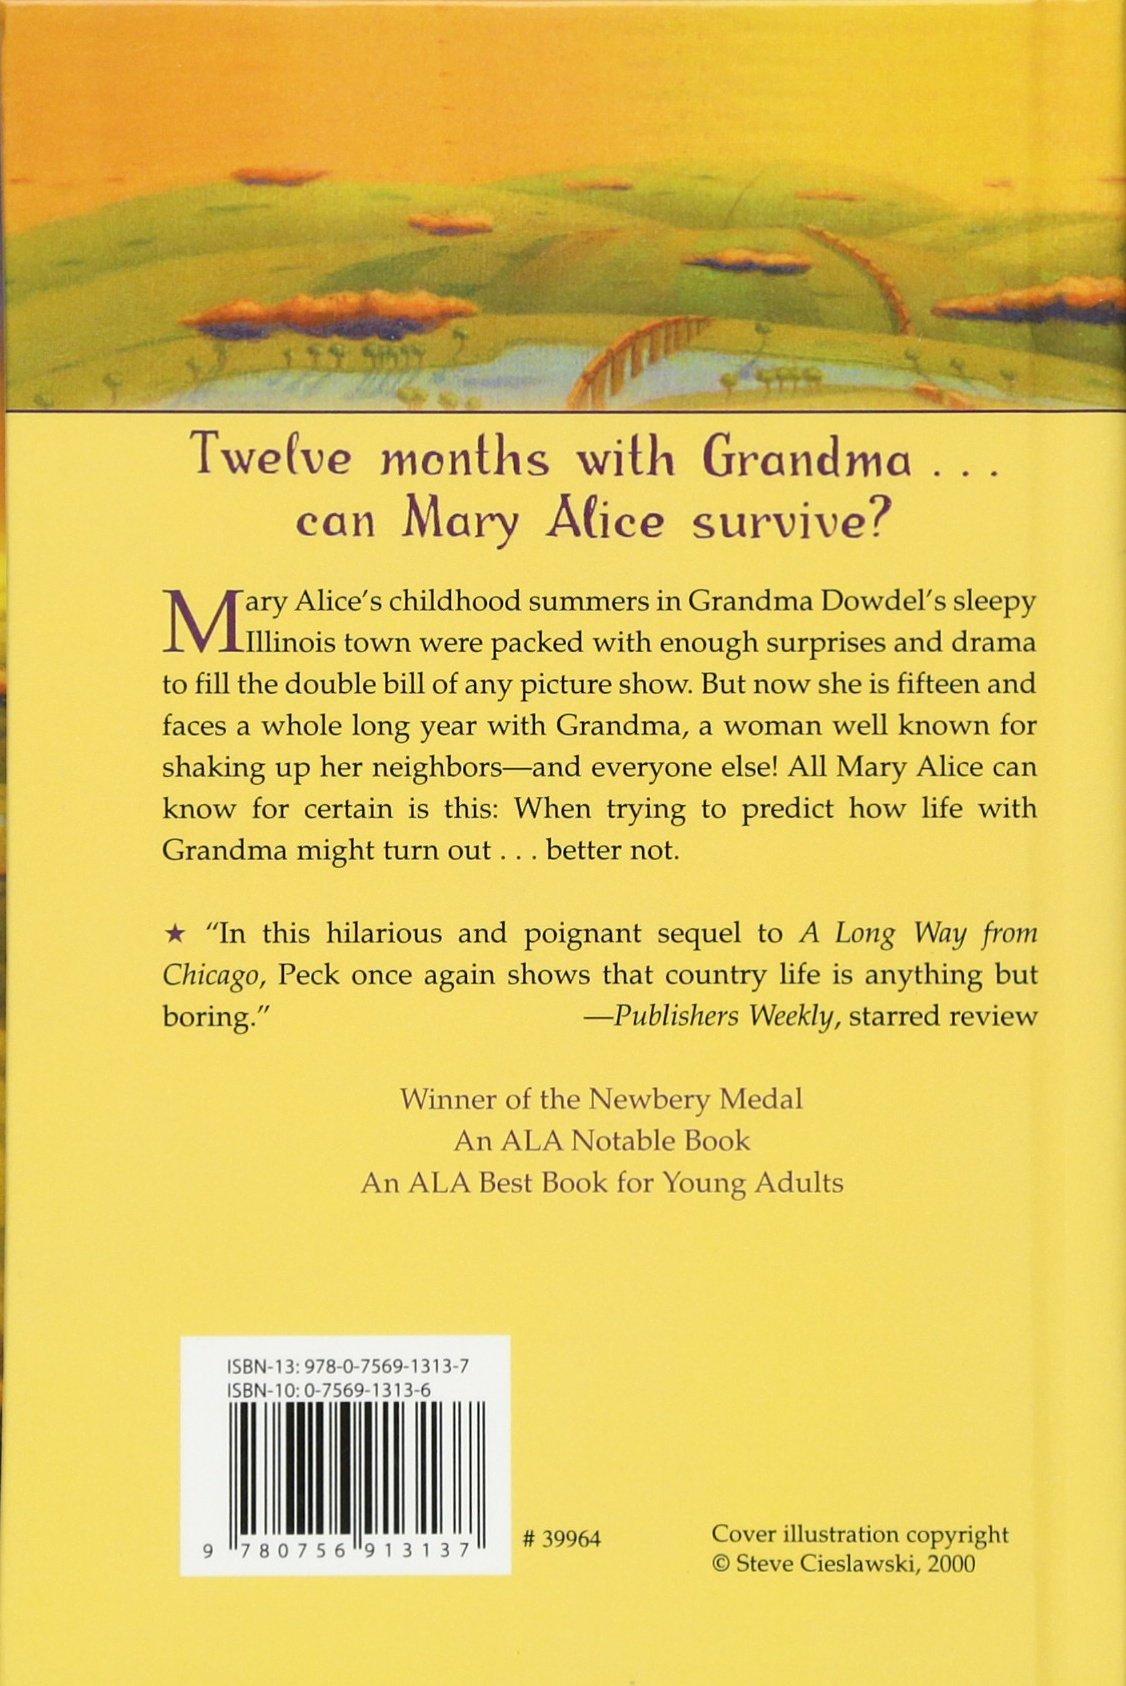 A Year Down Yonder: Amazon.co.uk: Richard Peck, Don Freeman: 9780756913137:  Books